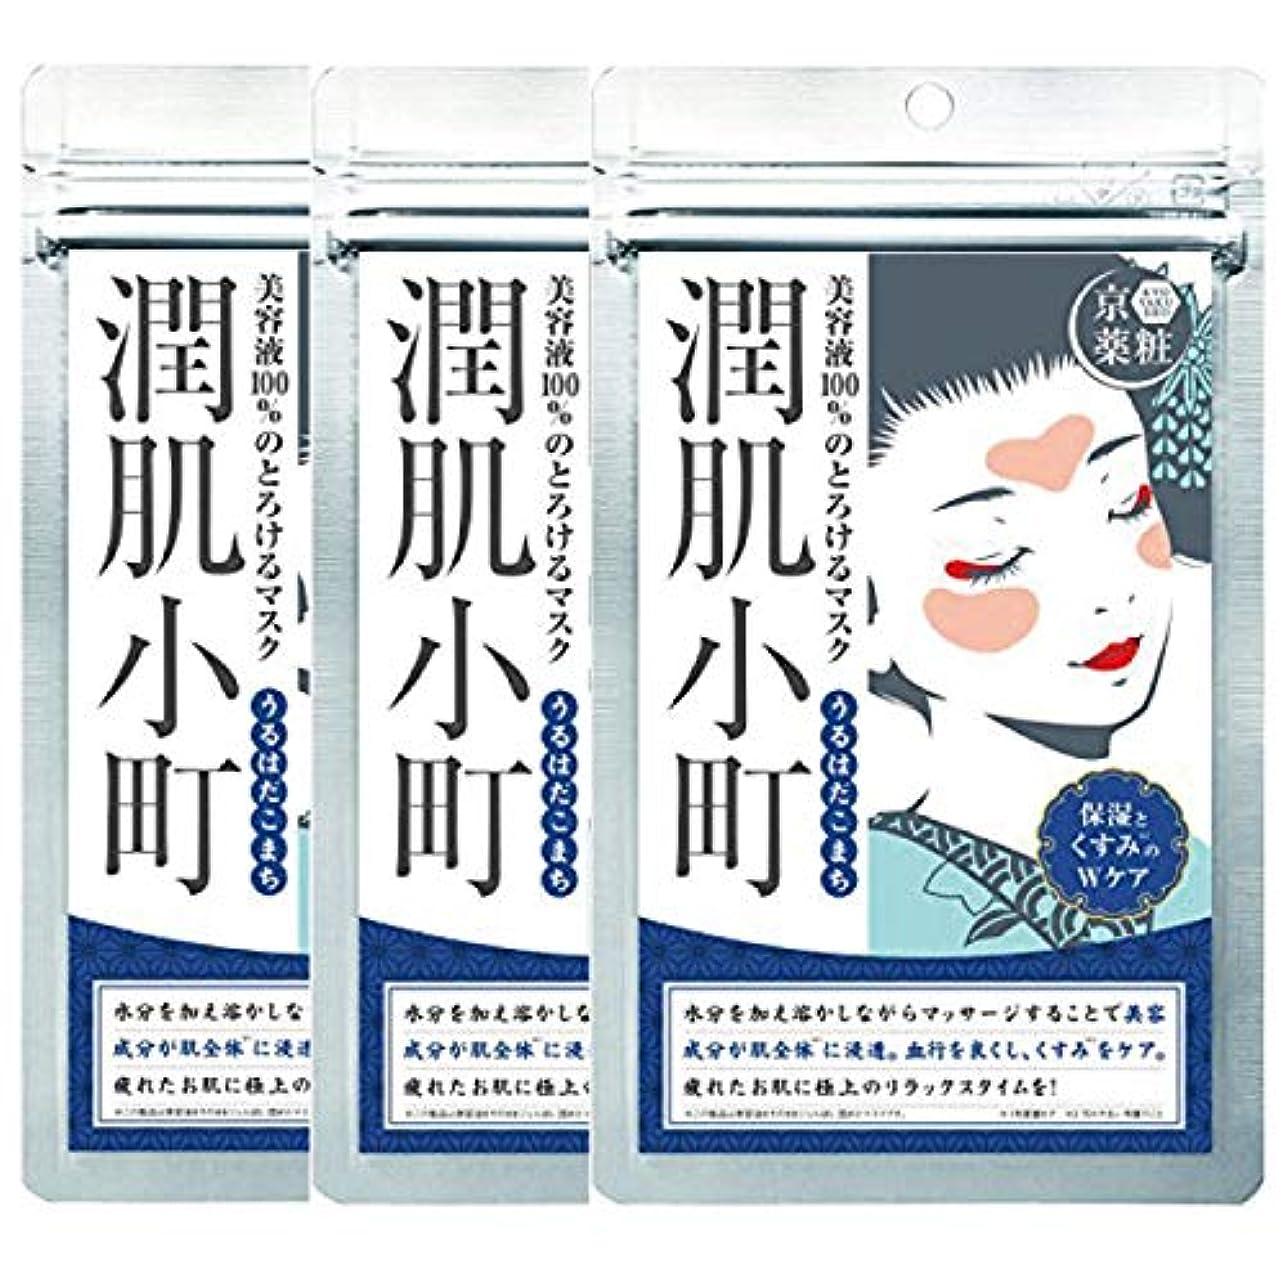 株式調整歩行者京薬粧 潤肌小町 潤いマスク ×3セット